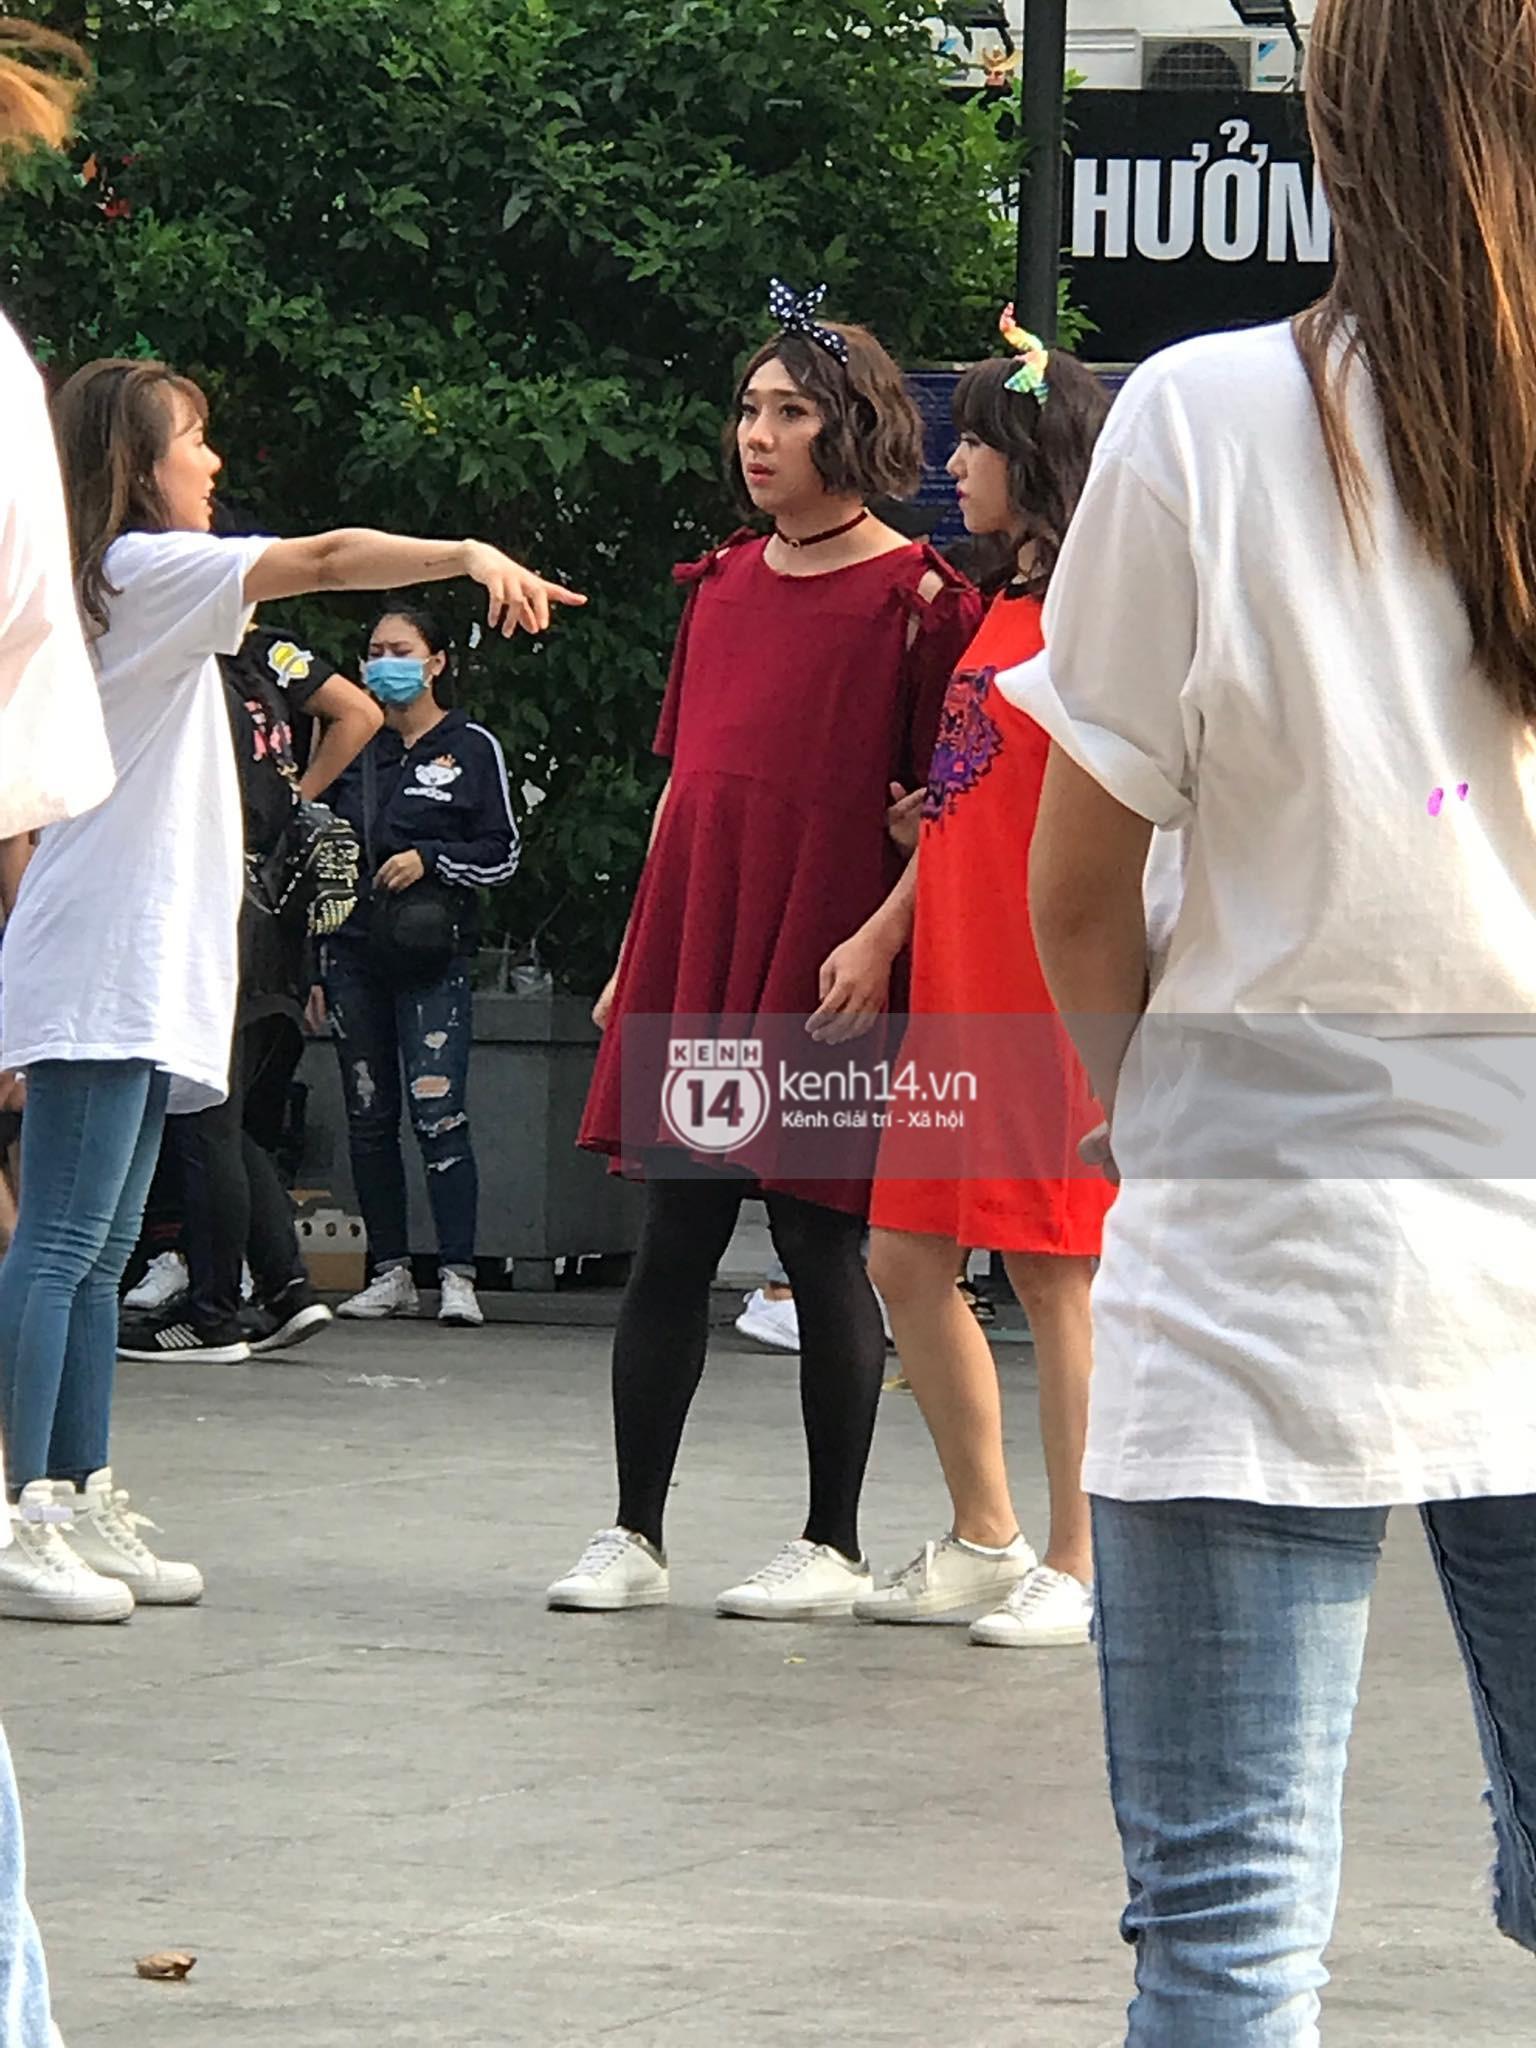 Chùm ảnh: Trấn Thành, Trường Giang, Hứa Vĩ Văn đồng loạt hóa... bà bầu trong show thực tế mới - Ảnh 2.